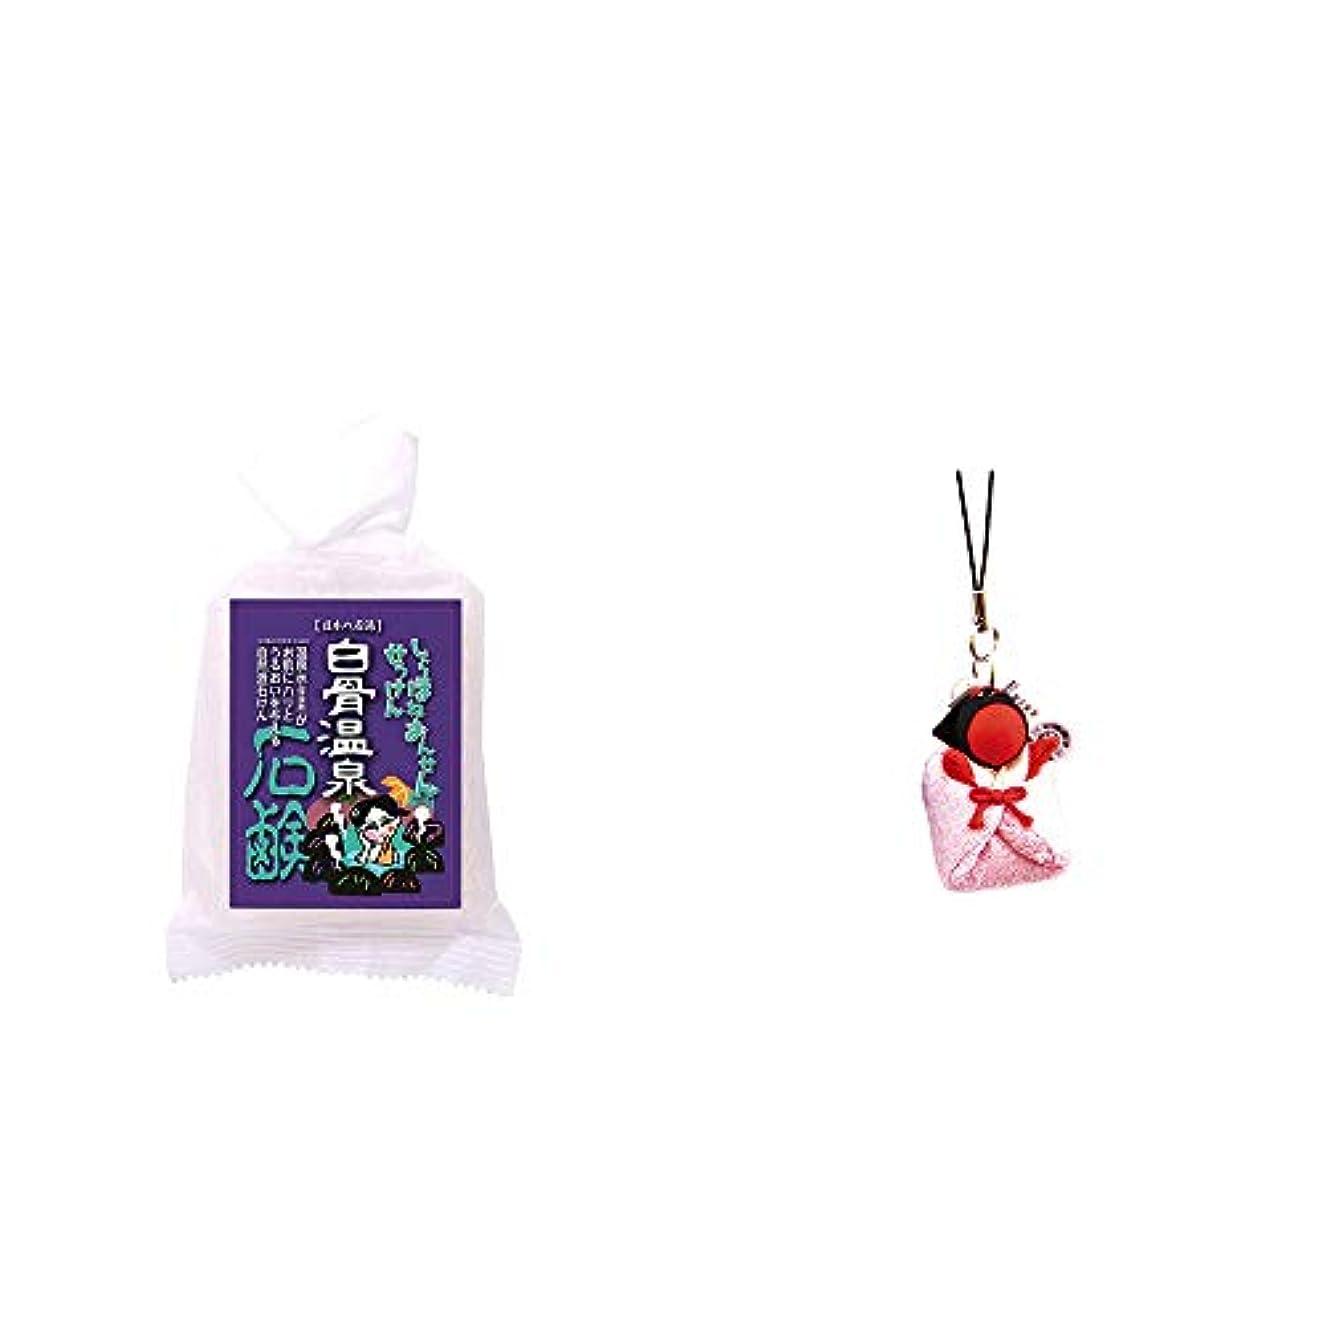 [2点セット] 信州 白骨温泉石鹸(80g)?おくるみさるぼぼ【ピンク】(布タイプ) 小 ストラップ/子宝?安産祈願に //